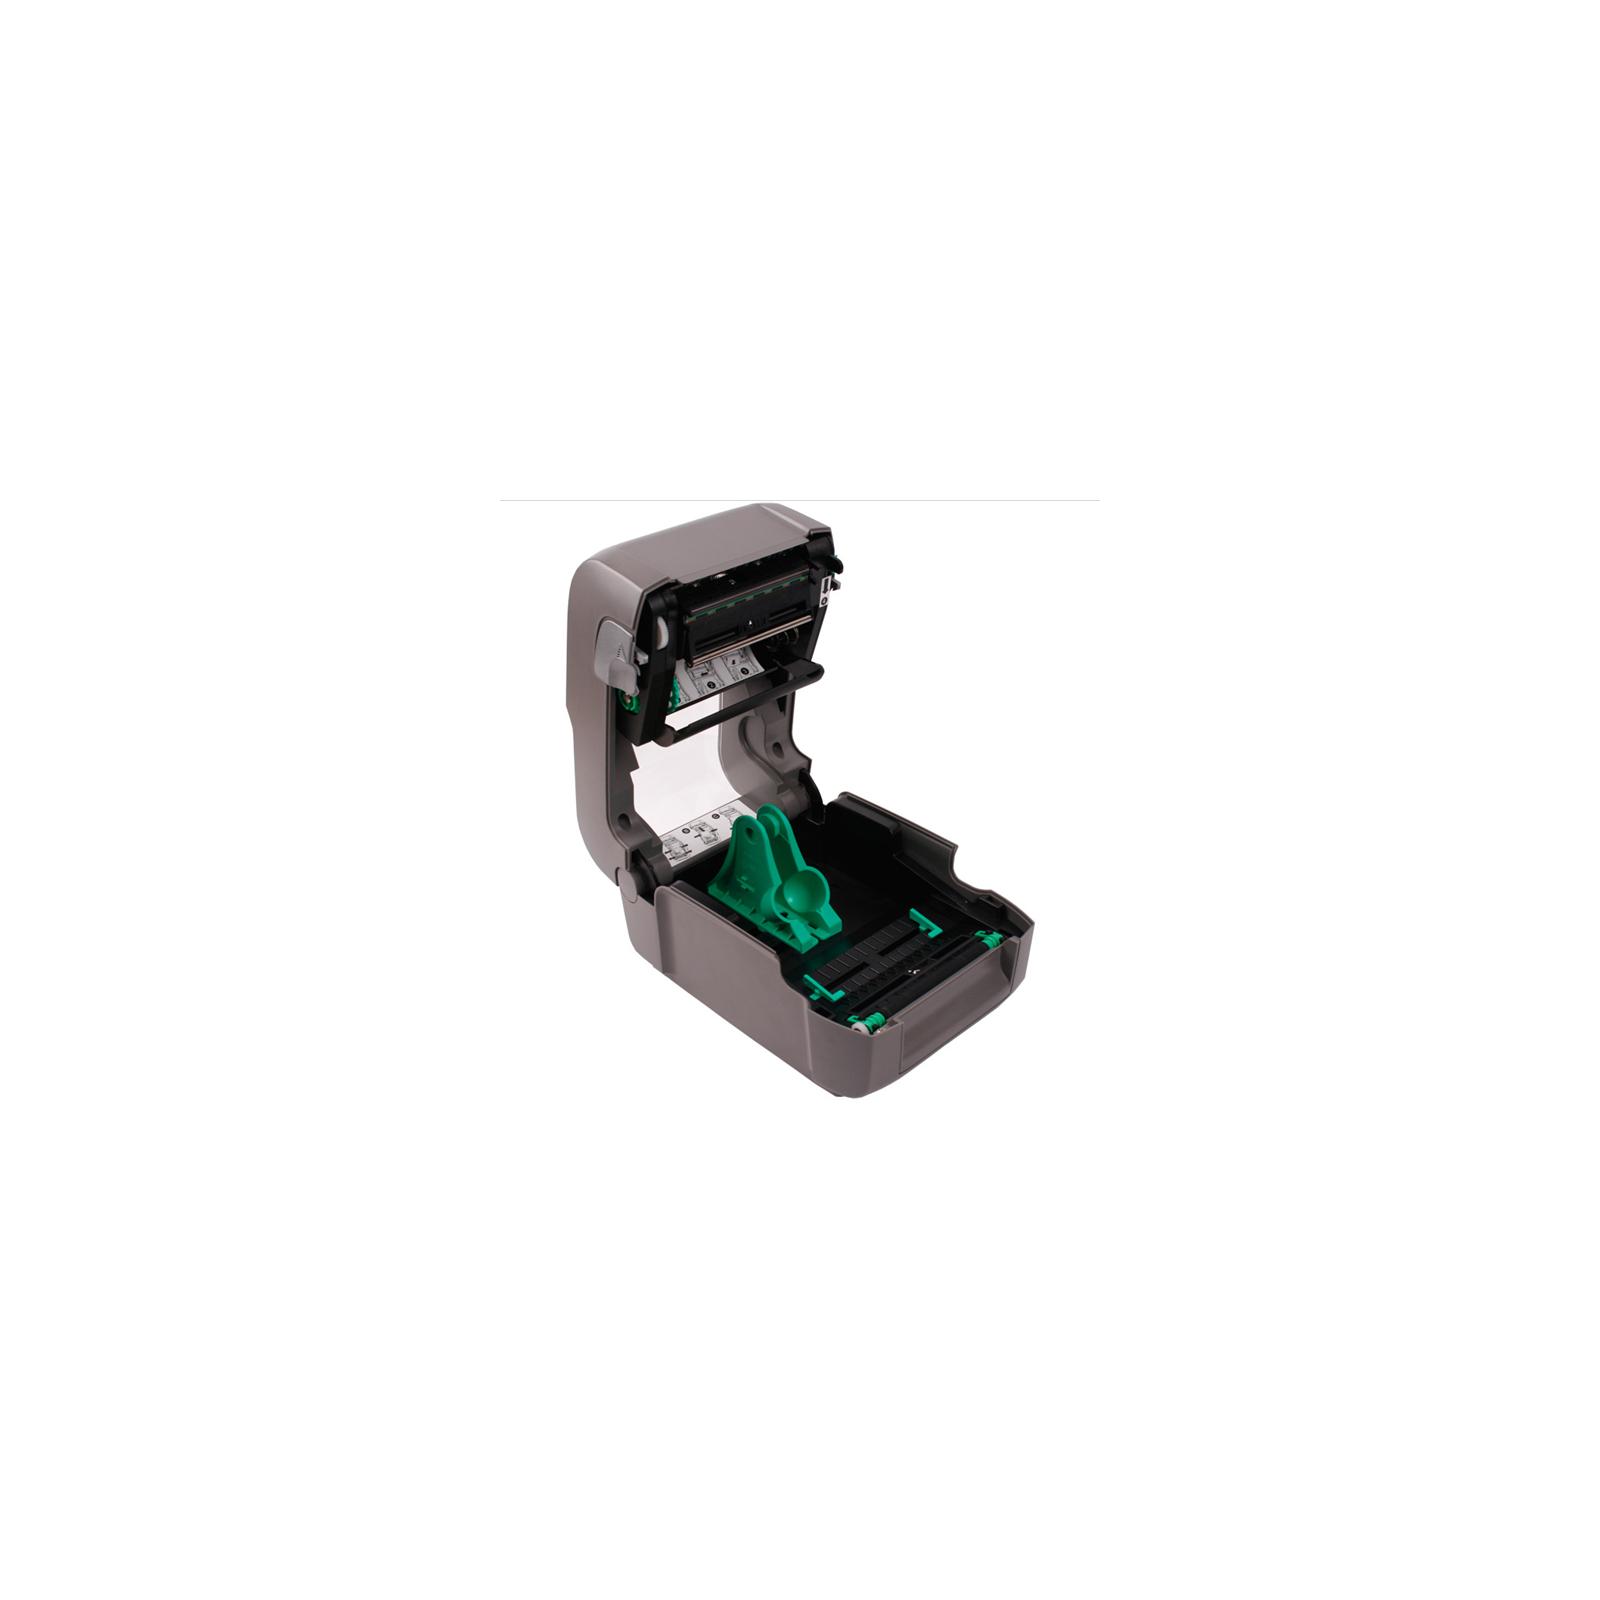 Принтер этикеток Datamax-O'neil E-Class Mark III E-4304B, 300dpi (EB3-00-1E001B00) изображение 3